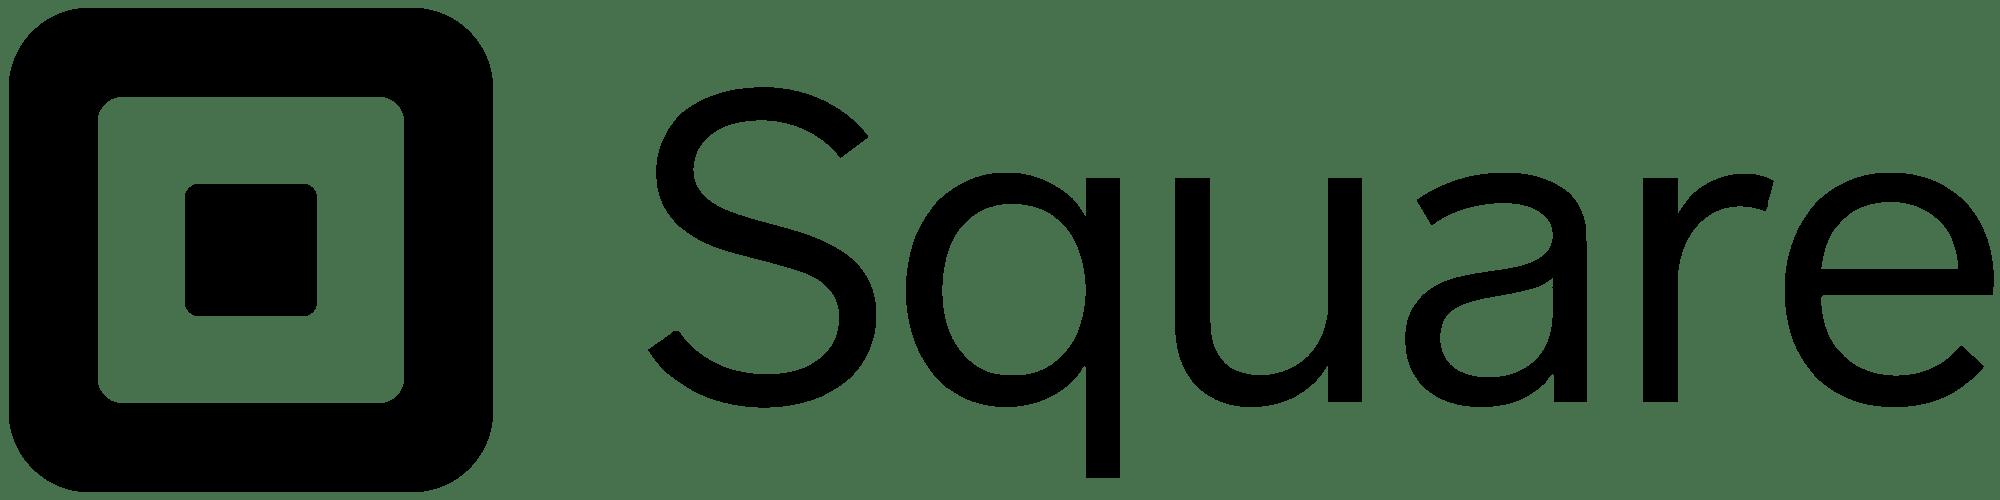 Square eCommerce logo